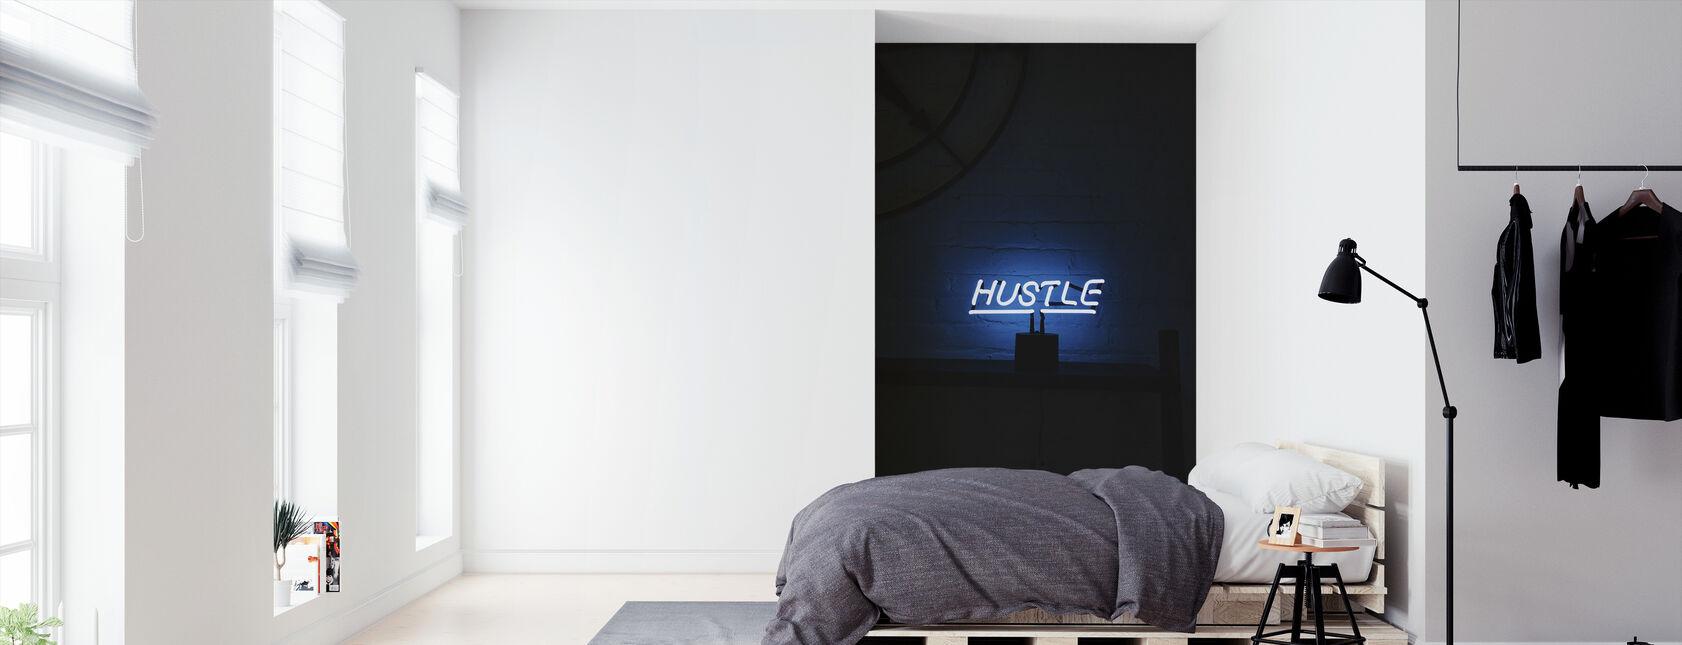 Hustle Neon Sign - Tapet - Soverom